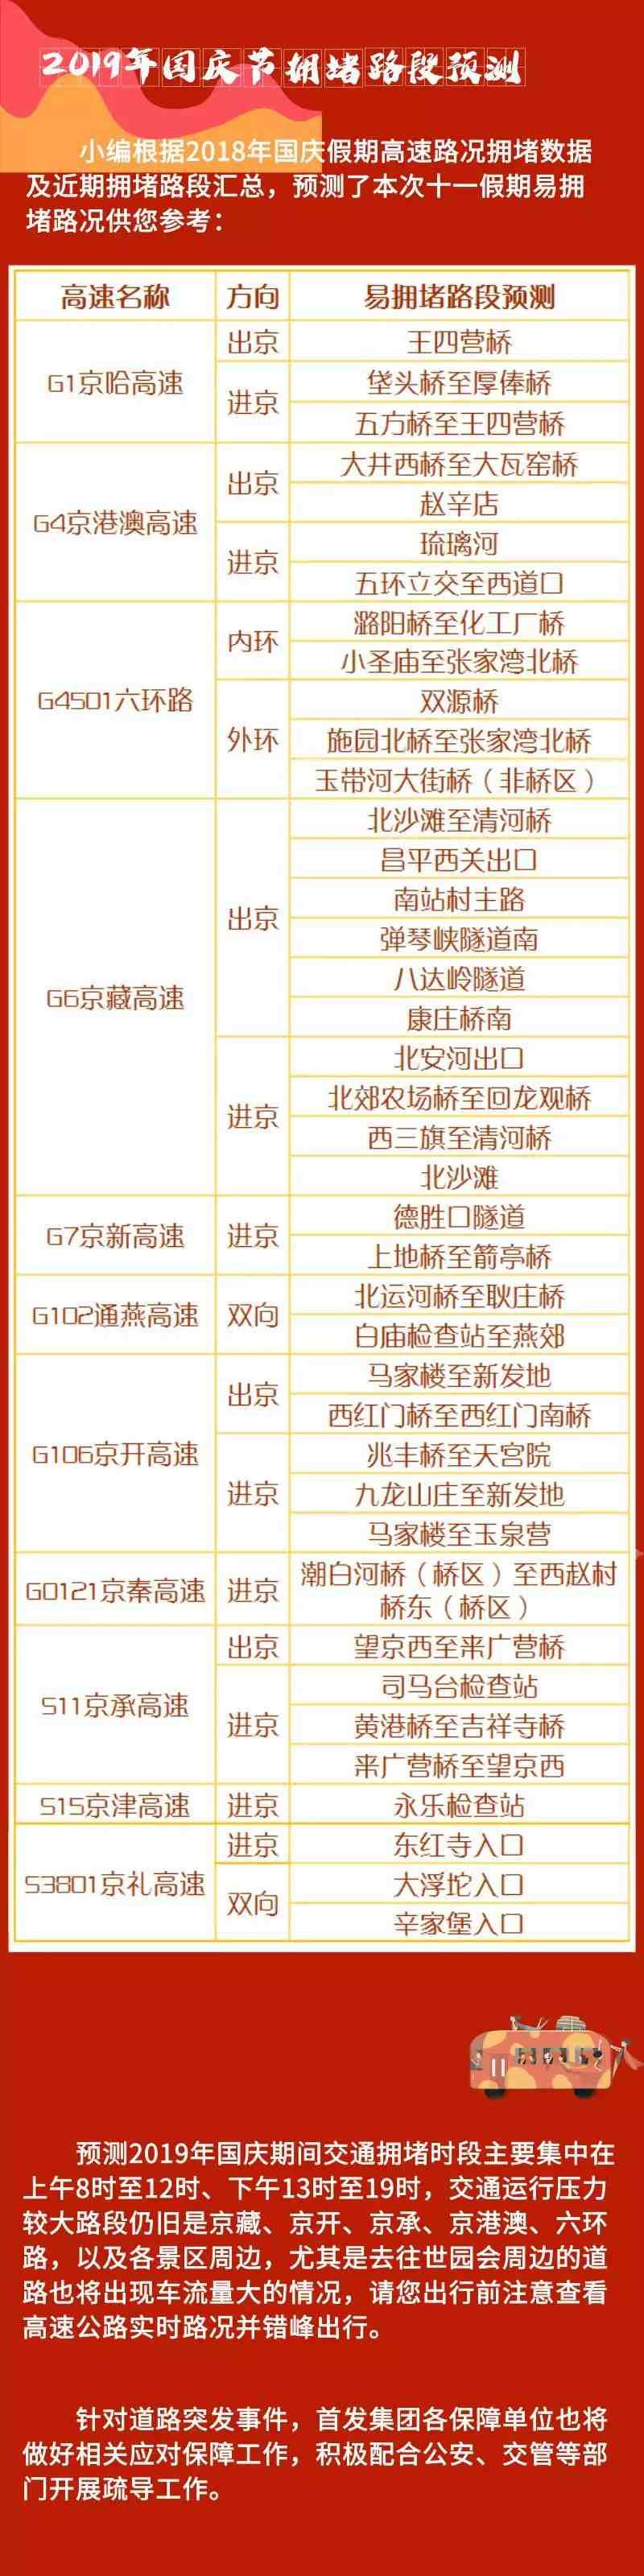 国庆节假期出行提示 动物园公交摆渡车和两条故宫摆渡专线增开[墙根网]